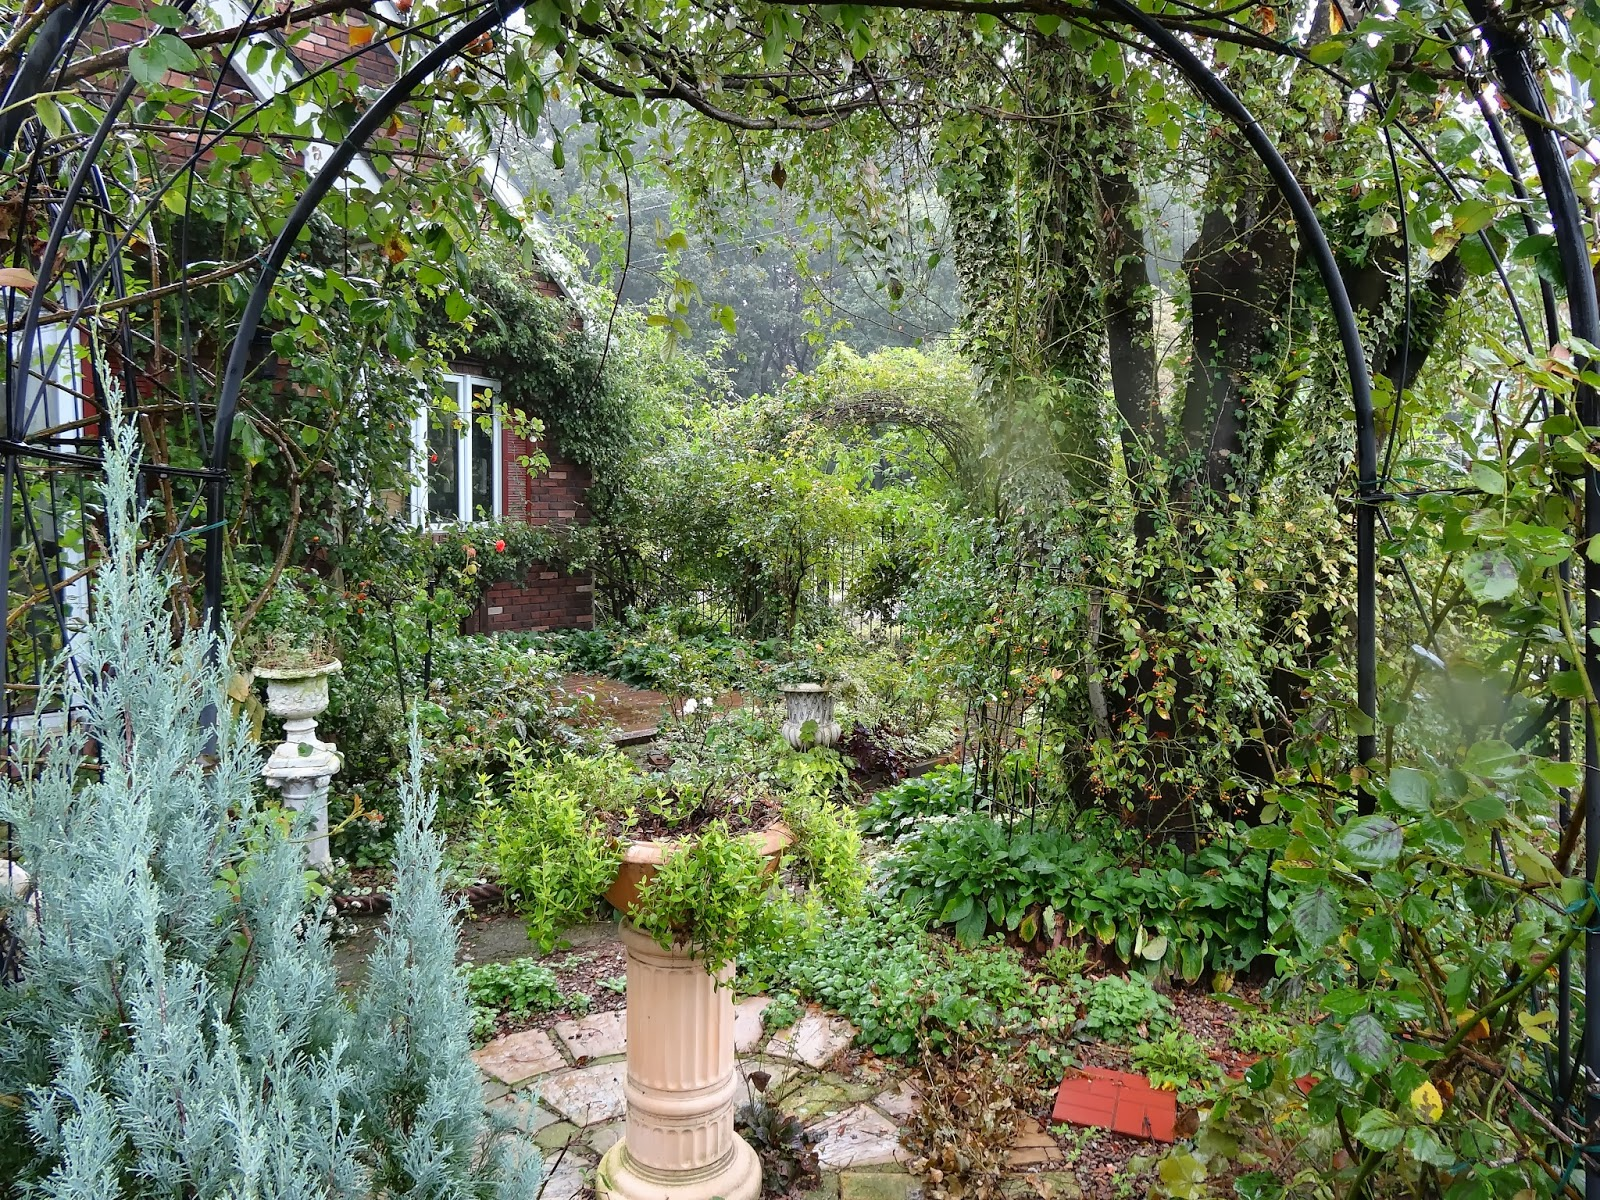 Le jardin secret garden now for Le jardin secret chicha